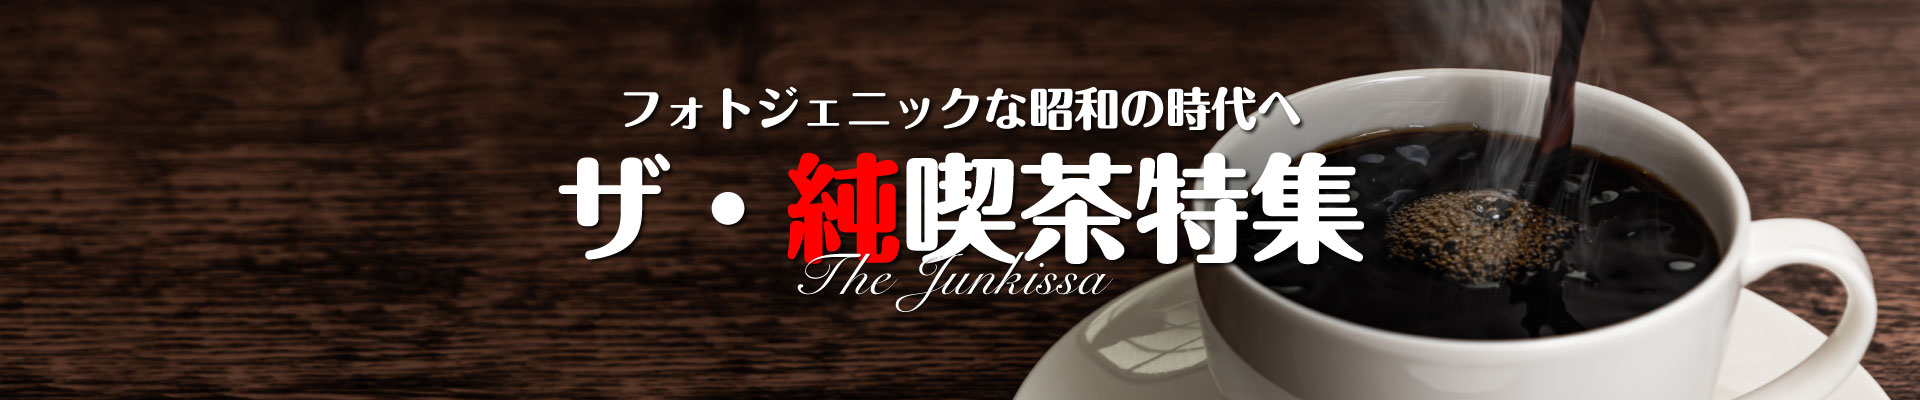 フォトジェニックな昭和の時代へ ザ・純喫茶特集 広告画像(PC用)